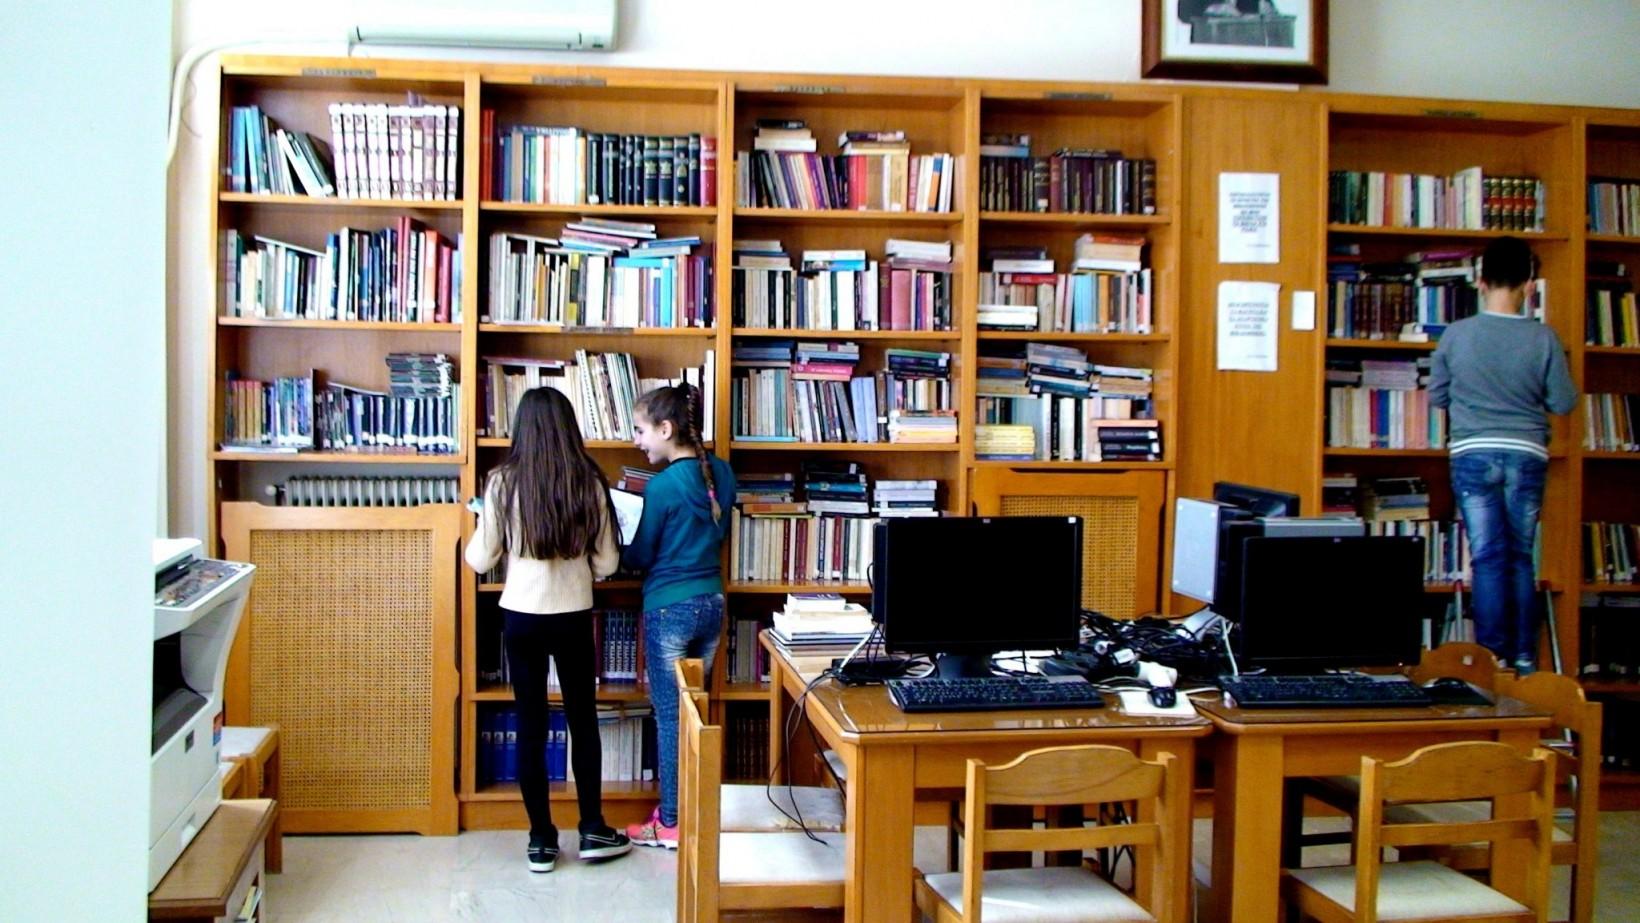 26-2-2015 Δημοτική Βιβλιοθήκη Μεγάρων 7